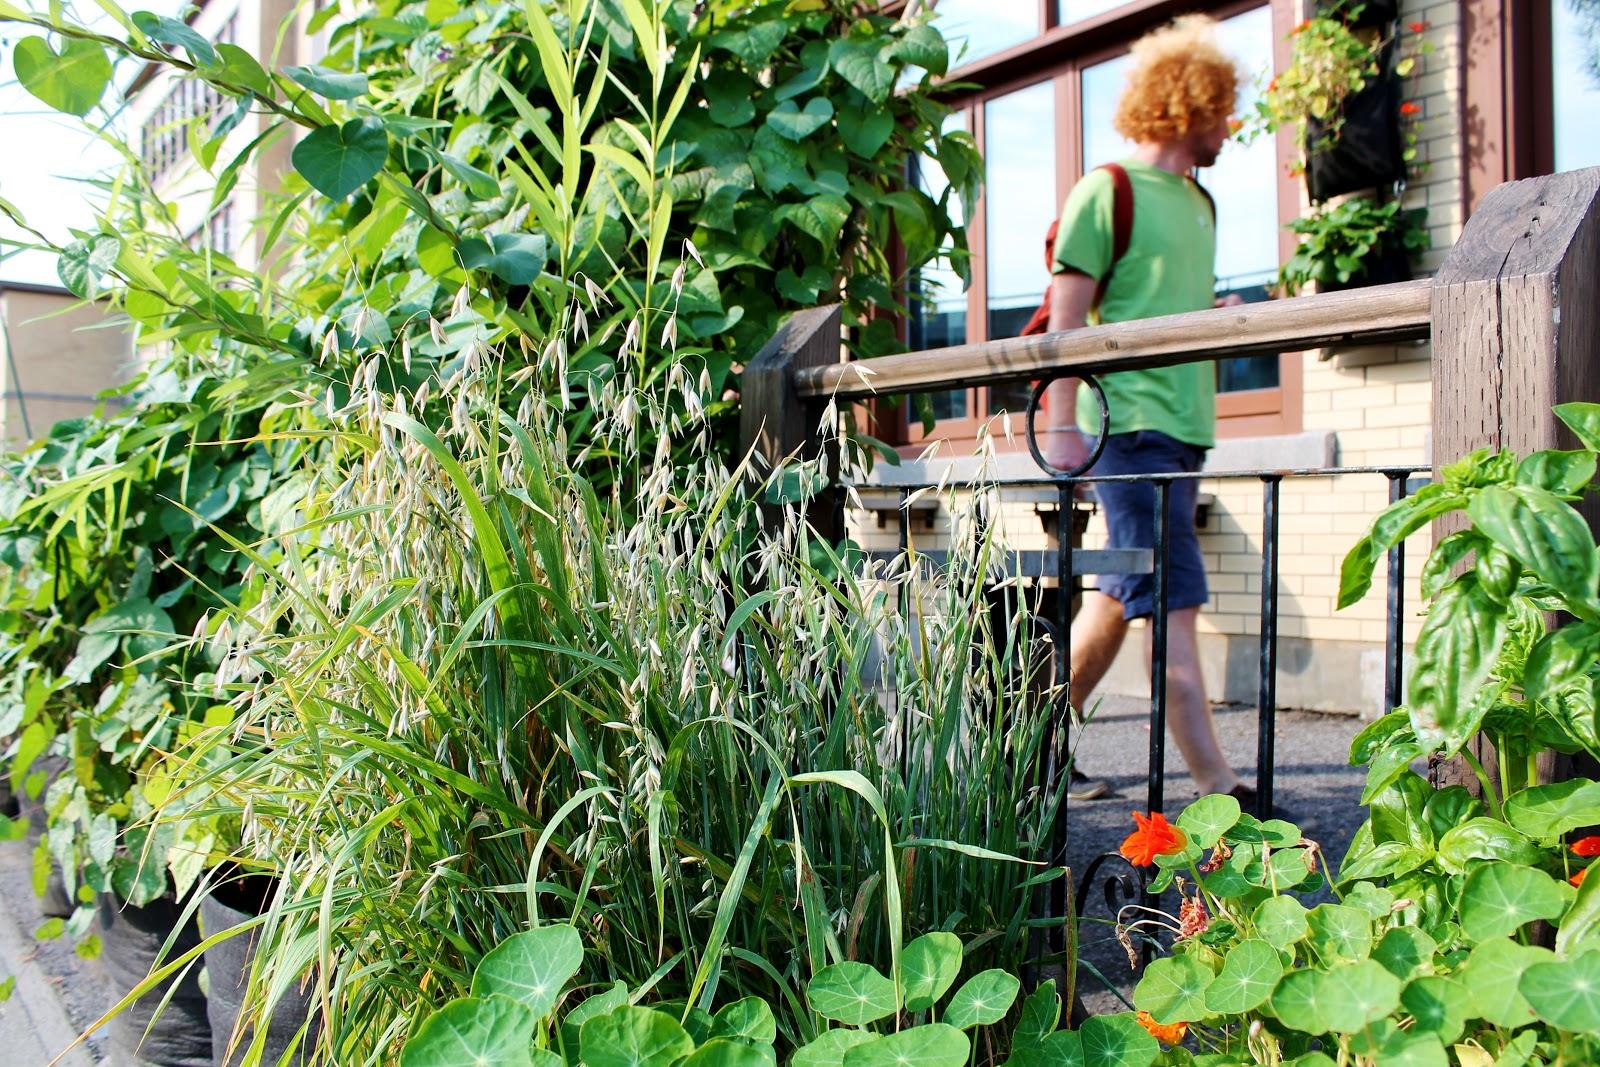 jardinage botanique associer l gumes plantes et fleurs contre les maladies et les parasites. Black Bedroom Furniture Sets. Home Design Ideas